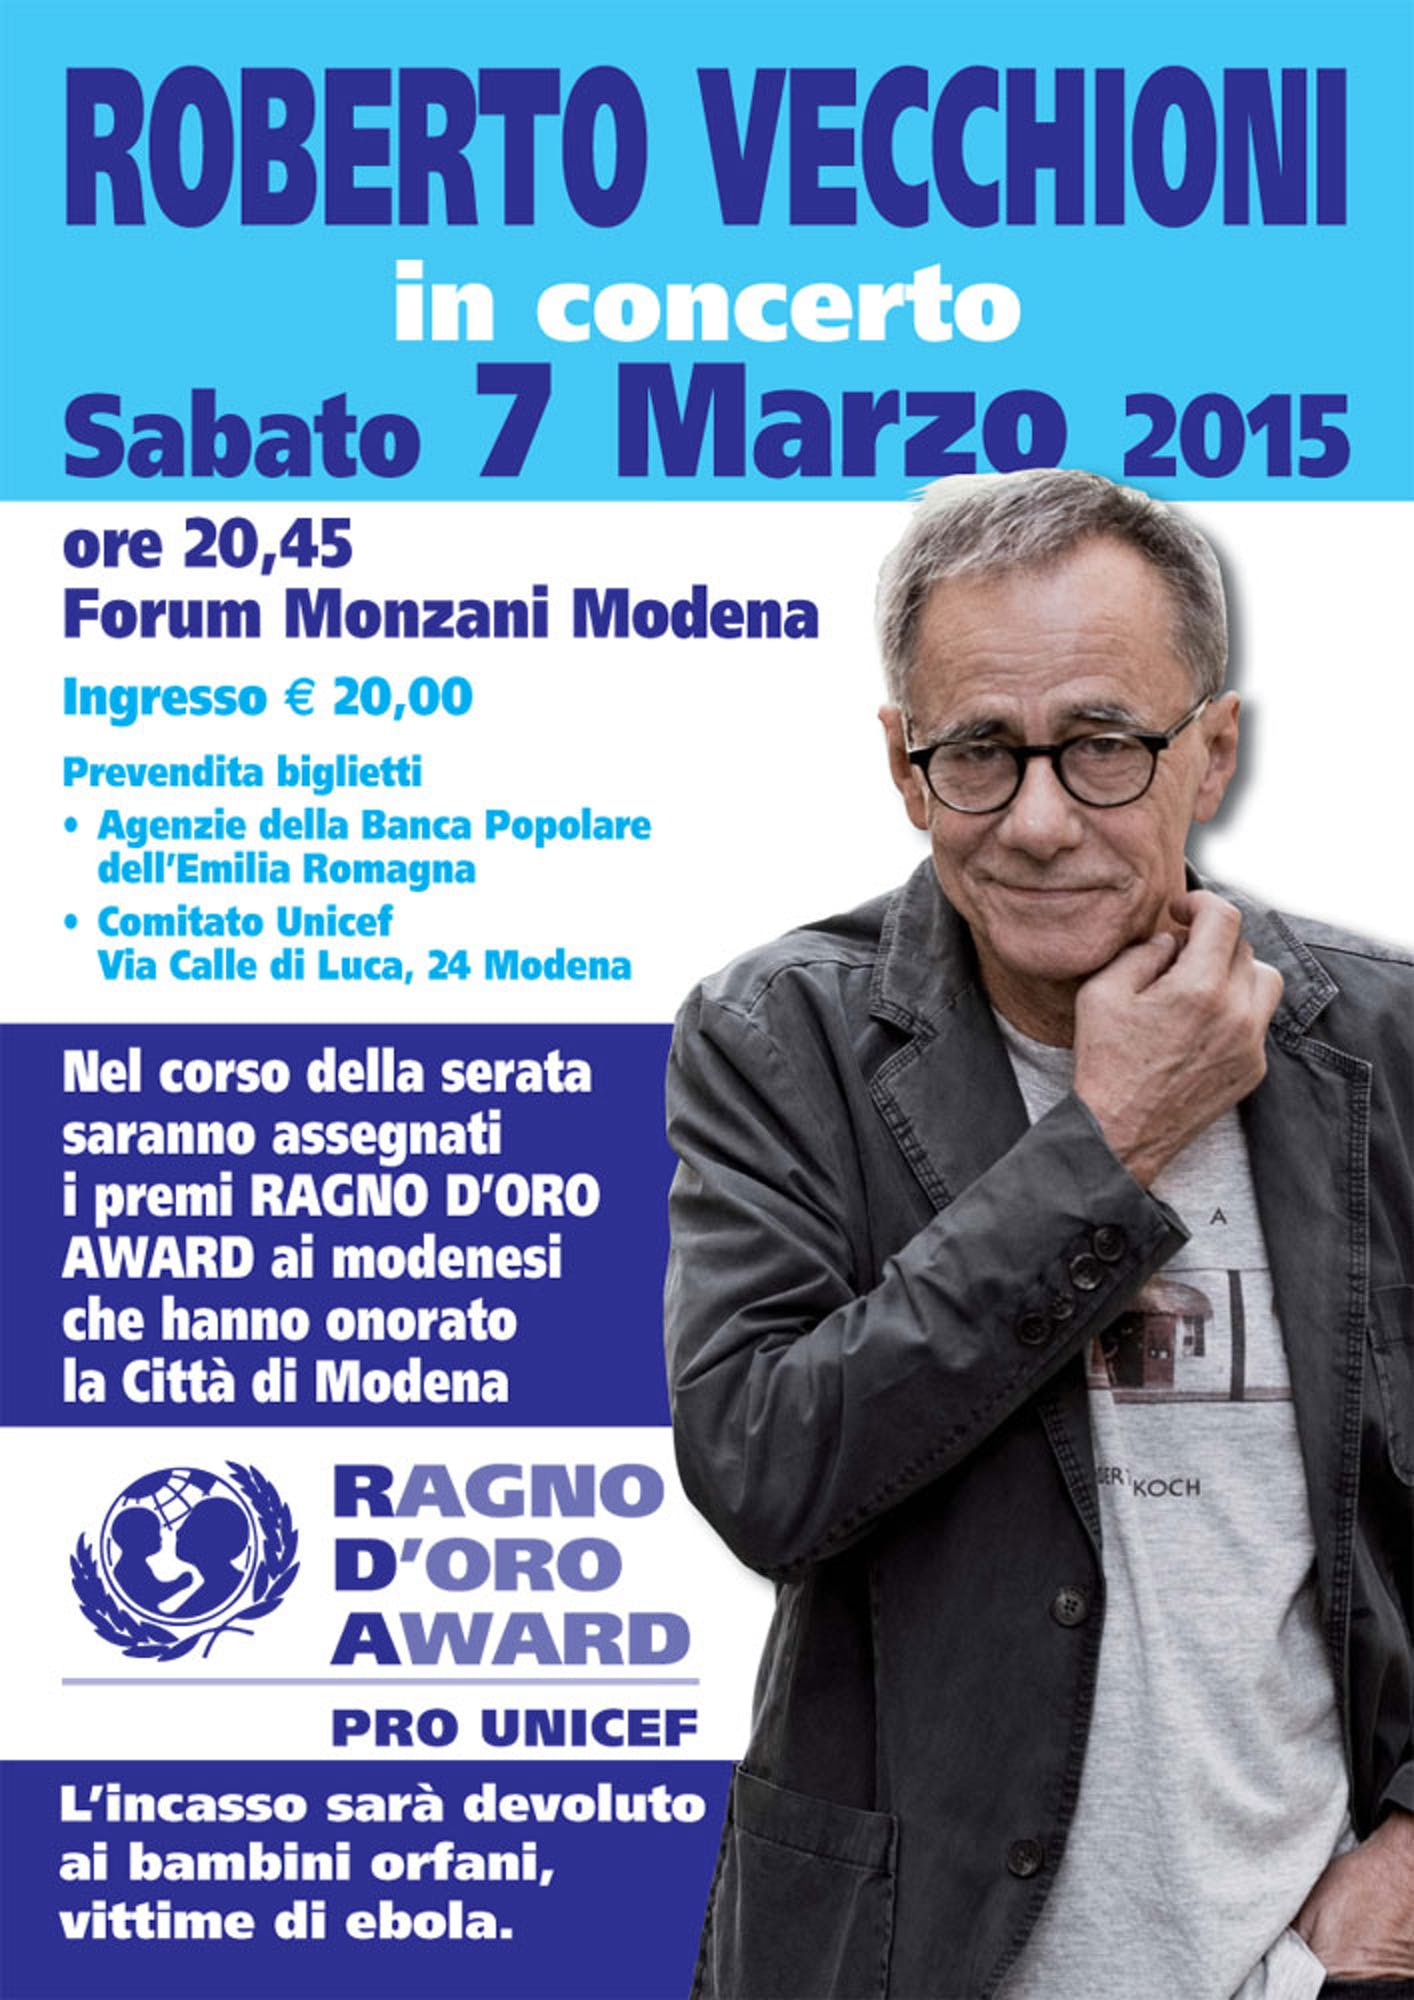 Roberto Vecchioni in concerto per UNICEF